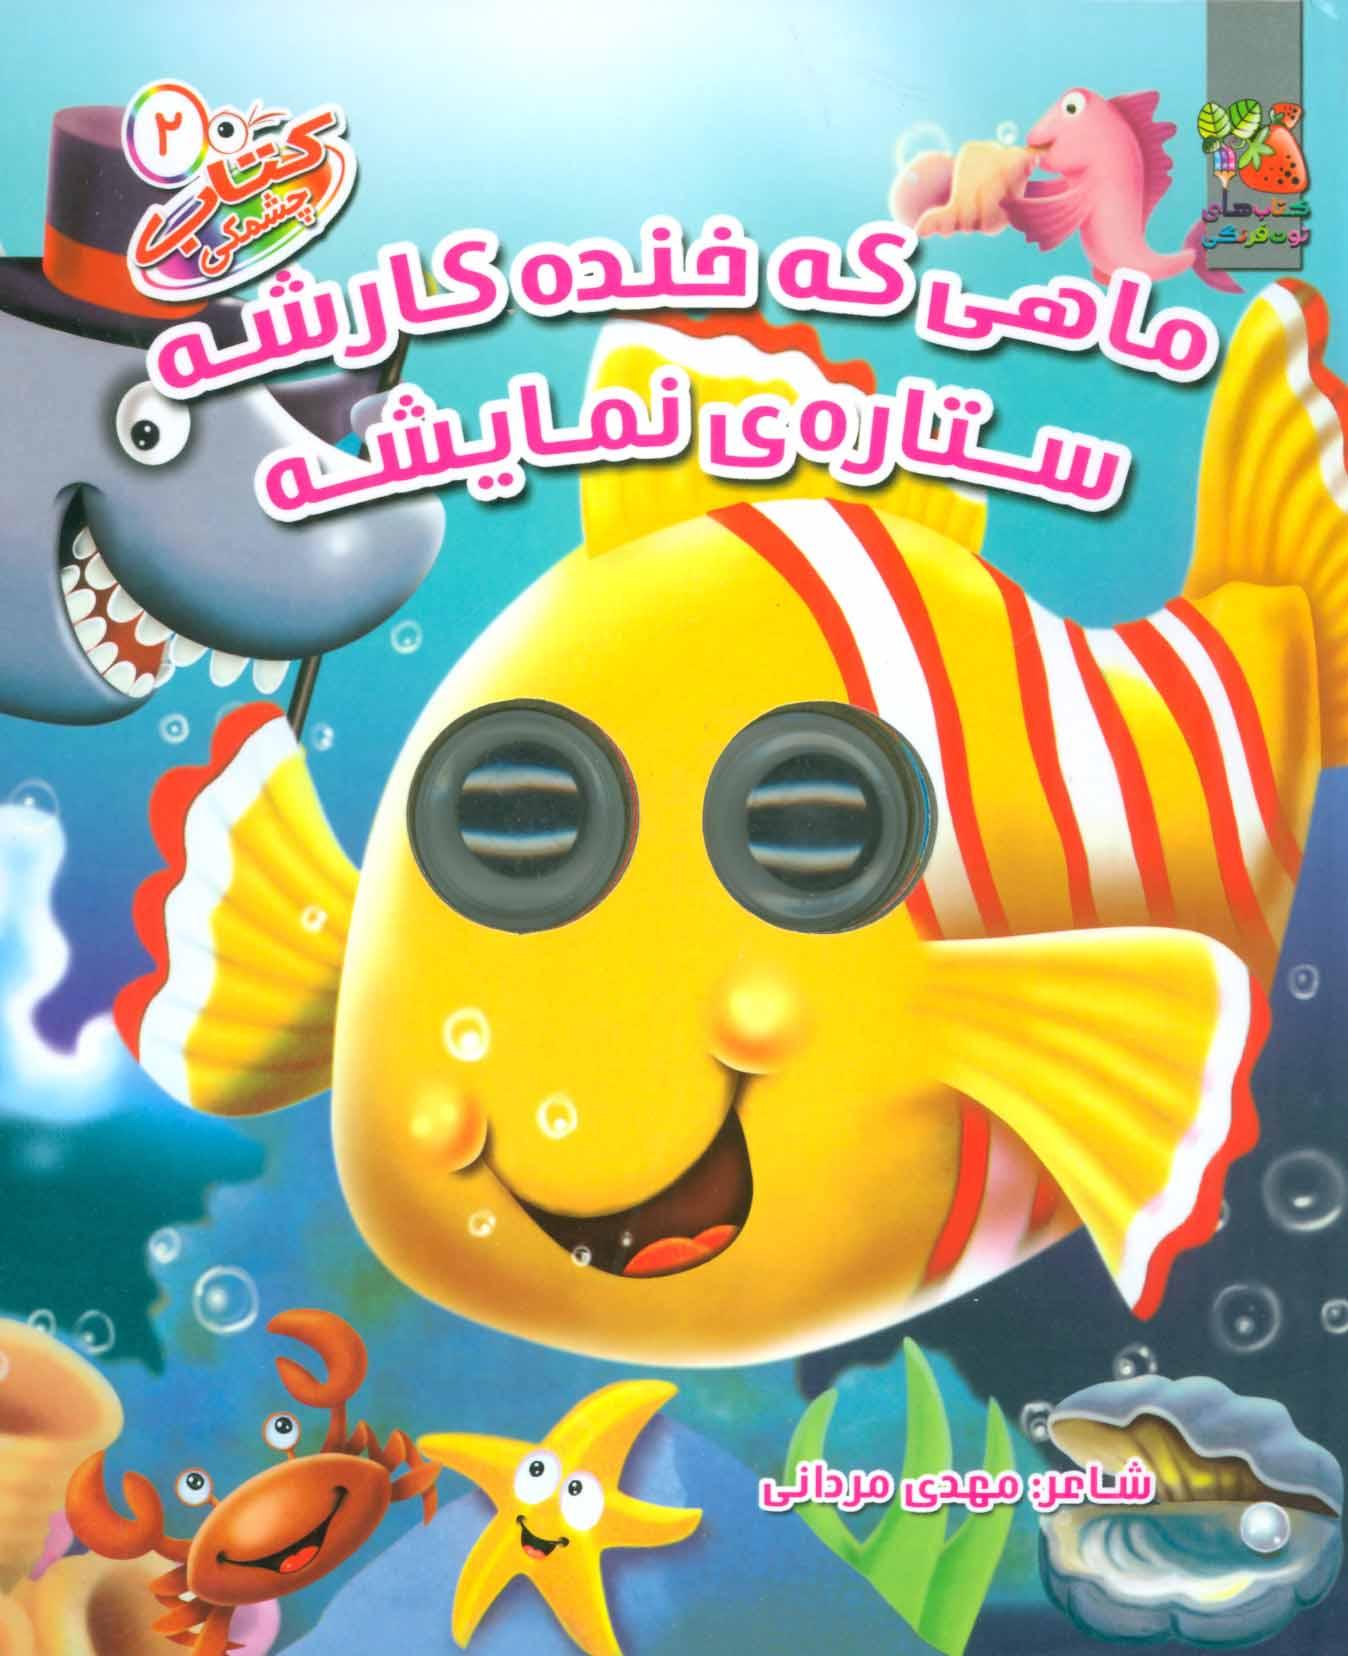 کتاب چشمکی 2 (ماهی که خنده کارشه ستاره ی نمایشه)،(گلاسه)